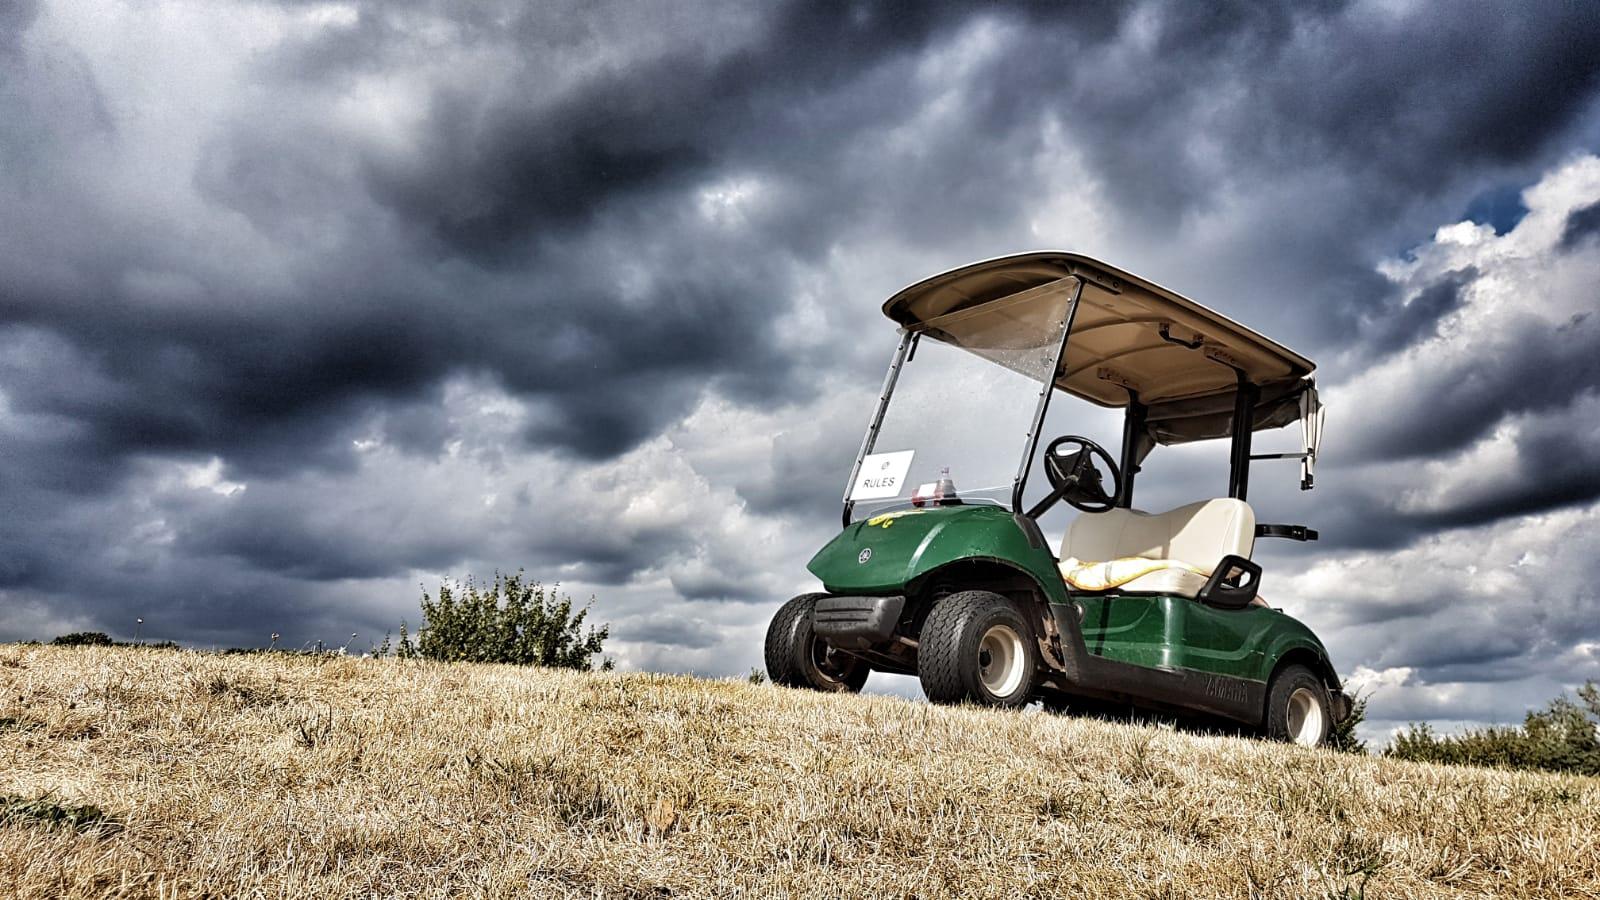 Golf Entfernungsmesser Regel : Callaway pro laser rangefinder golfdrivershop